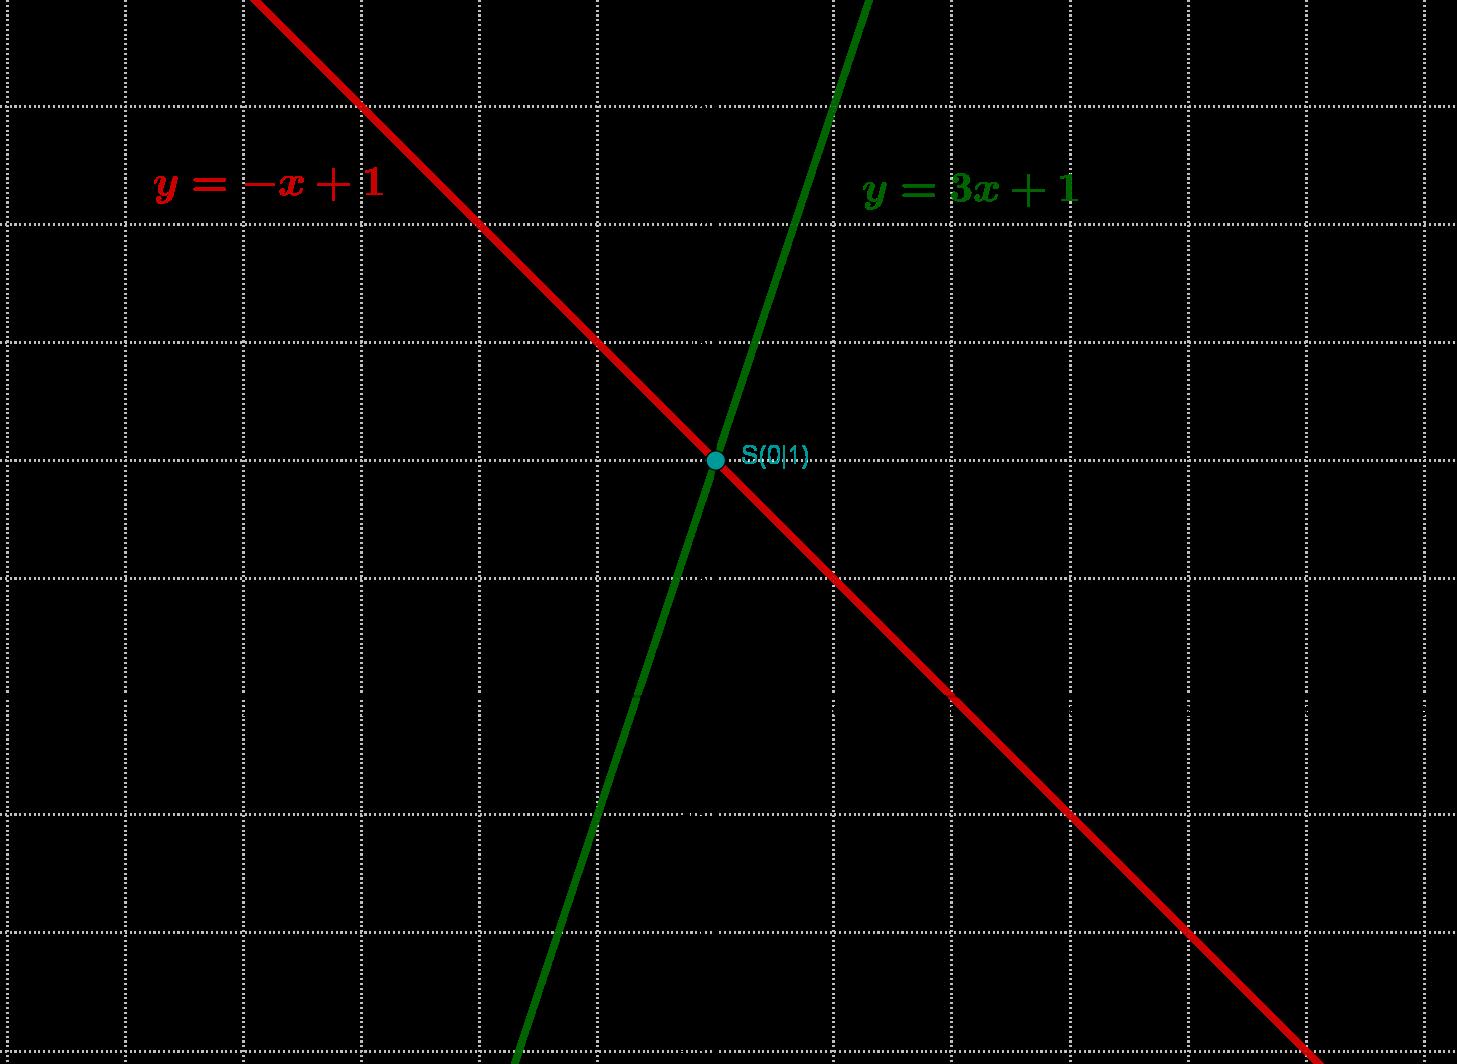 Schnittpunkte lineares Gleichungssytem